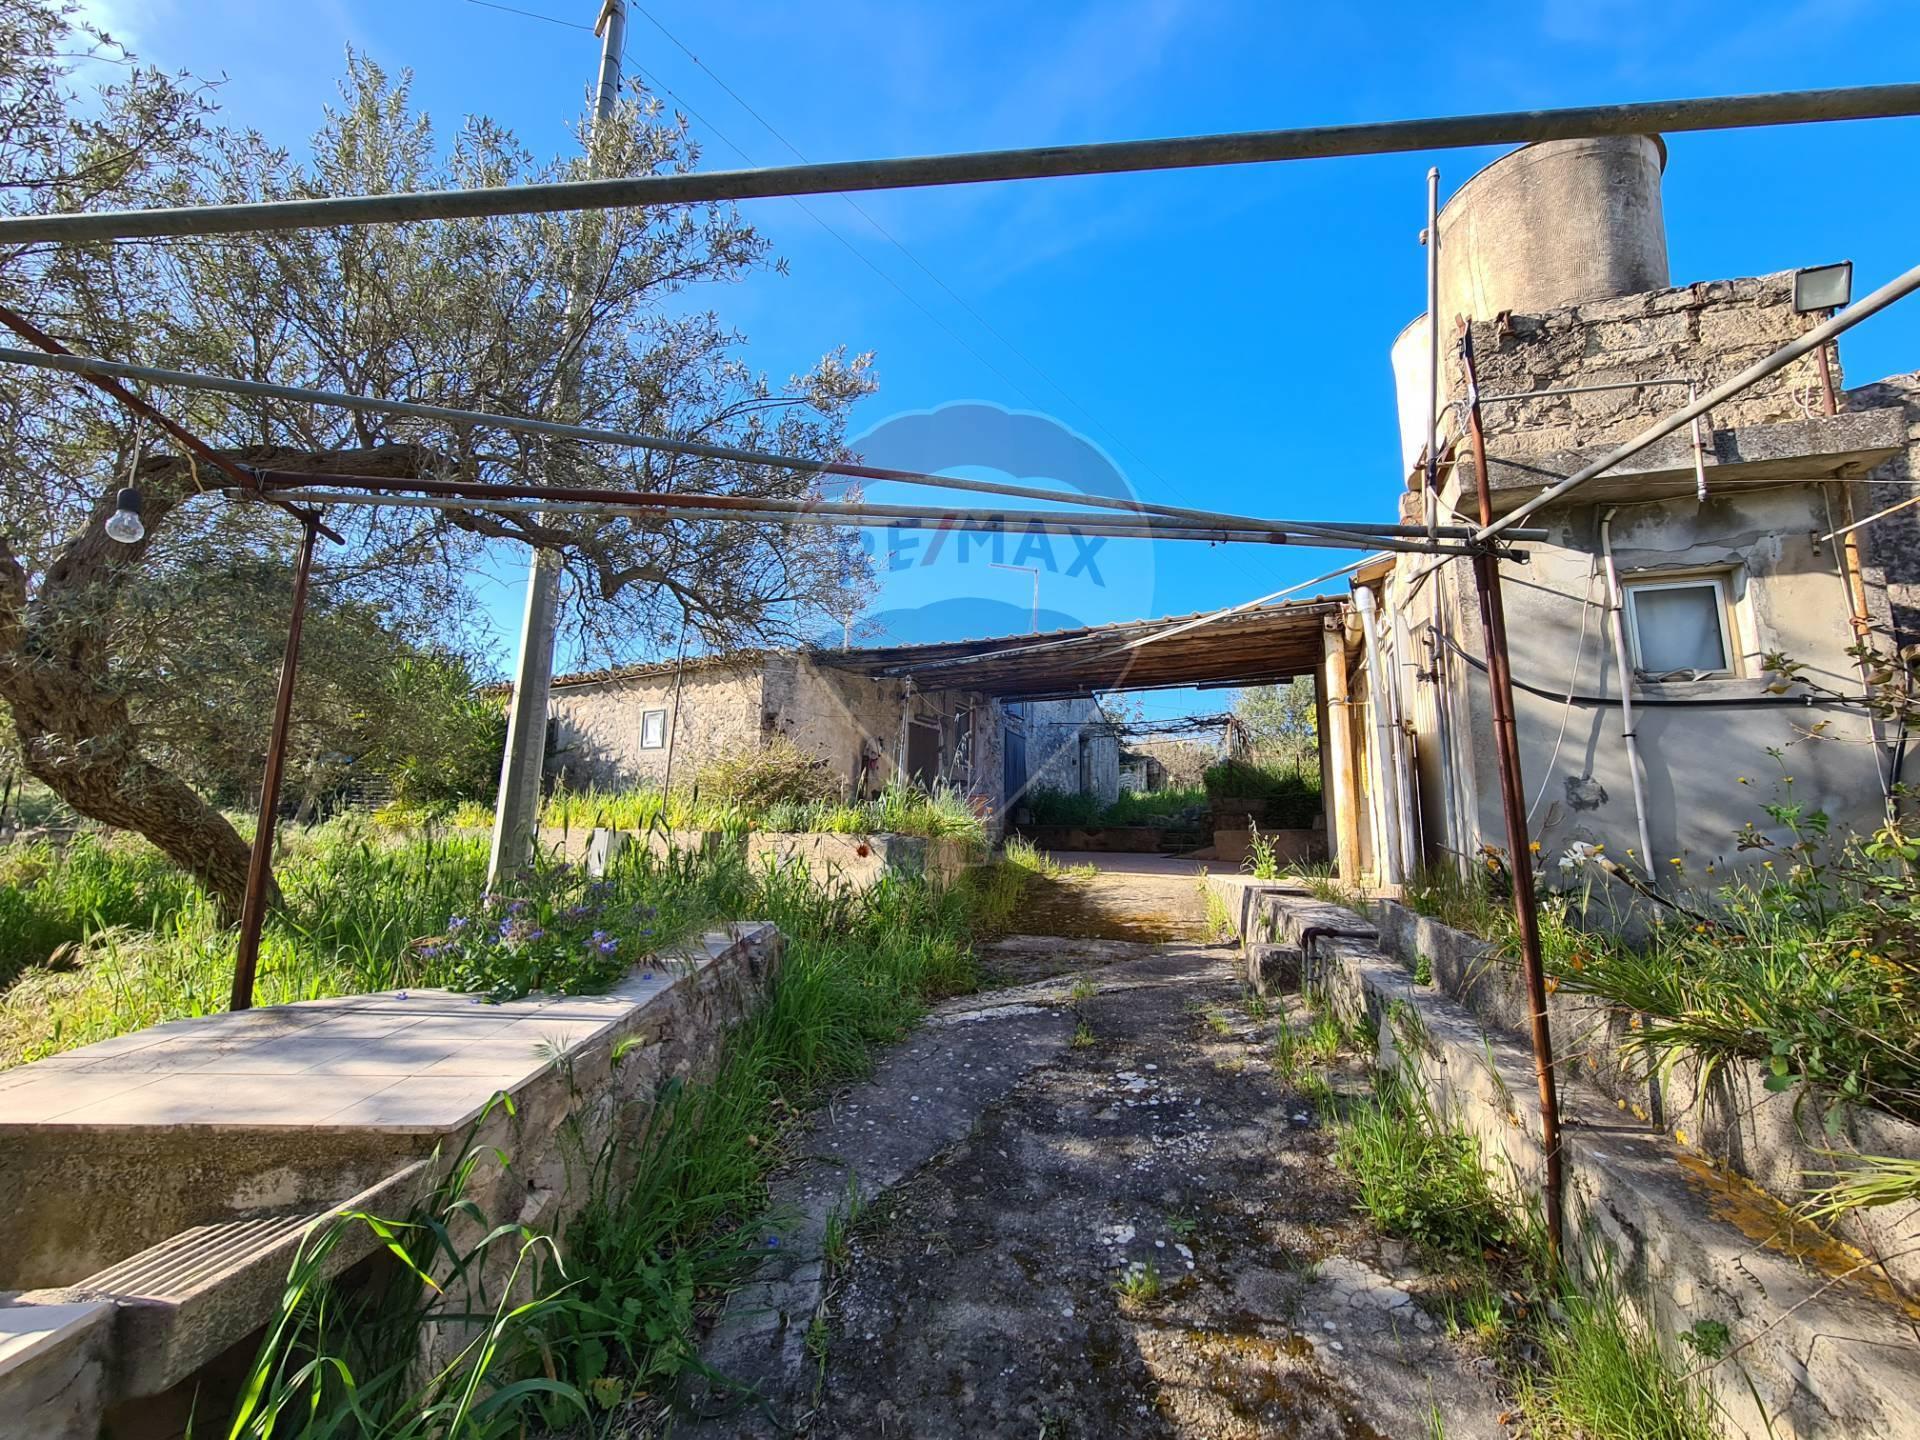 Rustico / Casale in vendita a Chiaramonte Gulfi, 5 locali, prezzo € 70.000 | CambioCasa.it